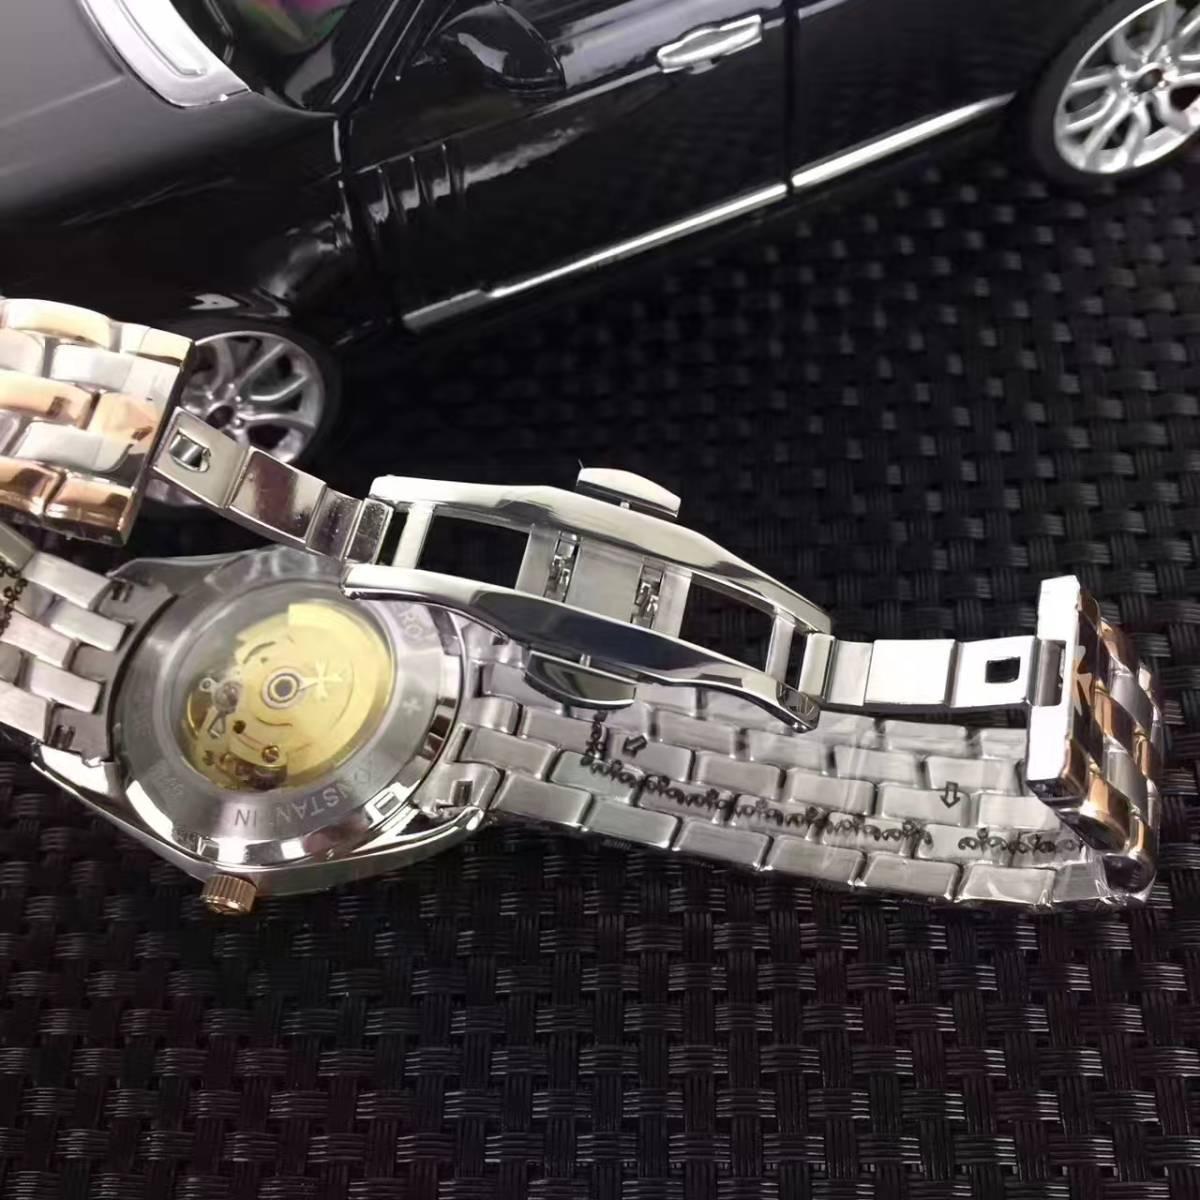 新品 ヴァシュロンコンスタンタン 高級感 男性用 腕時計 メンズ ウォッチ 自動巻き_画像2